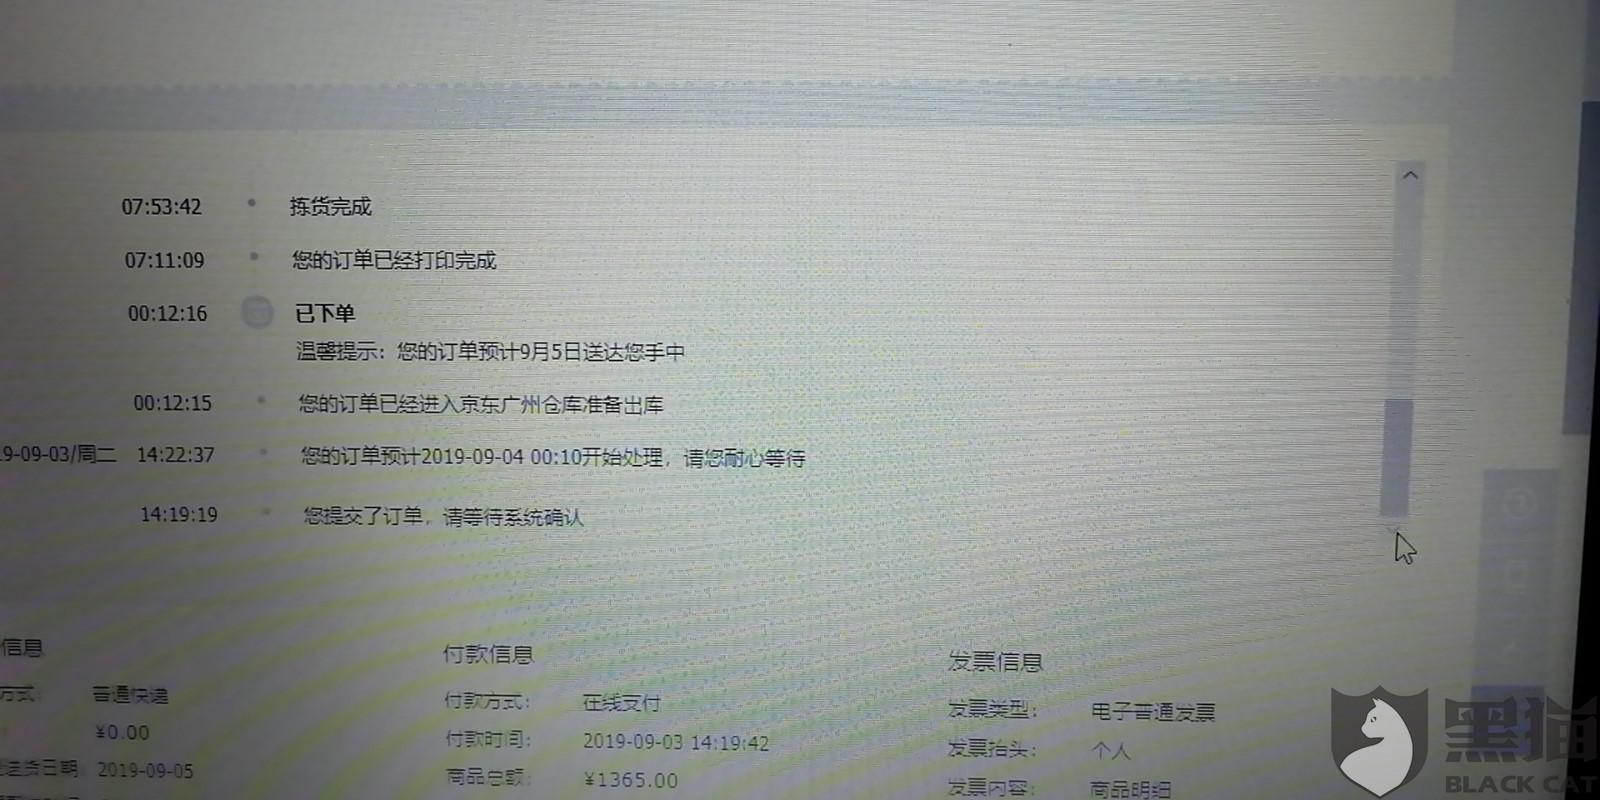 黑猫投诉:京东物流漏发商品,配送丢失商品